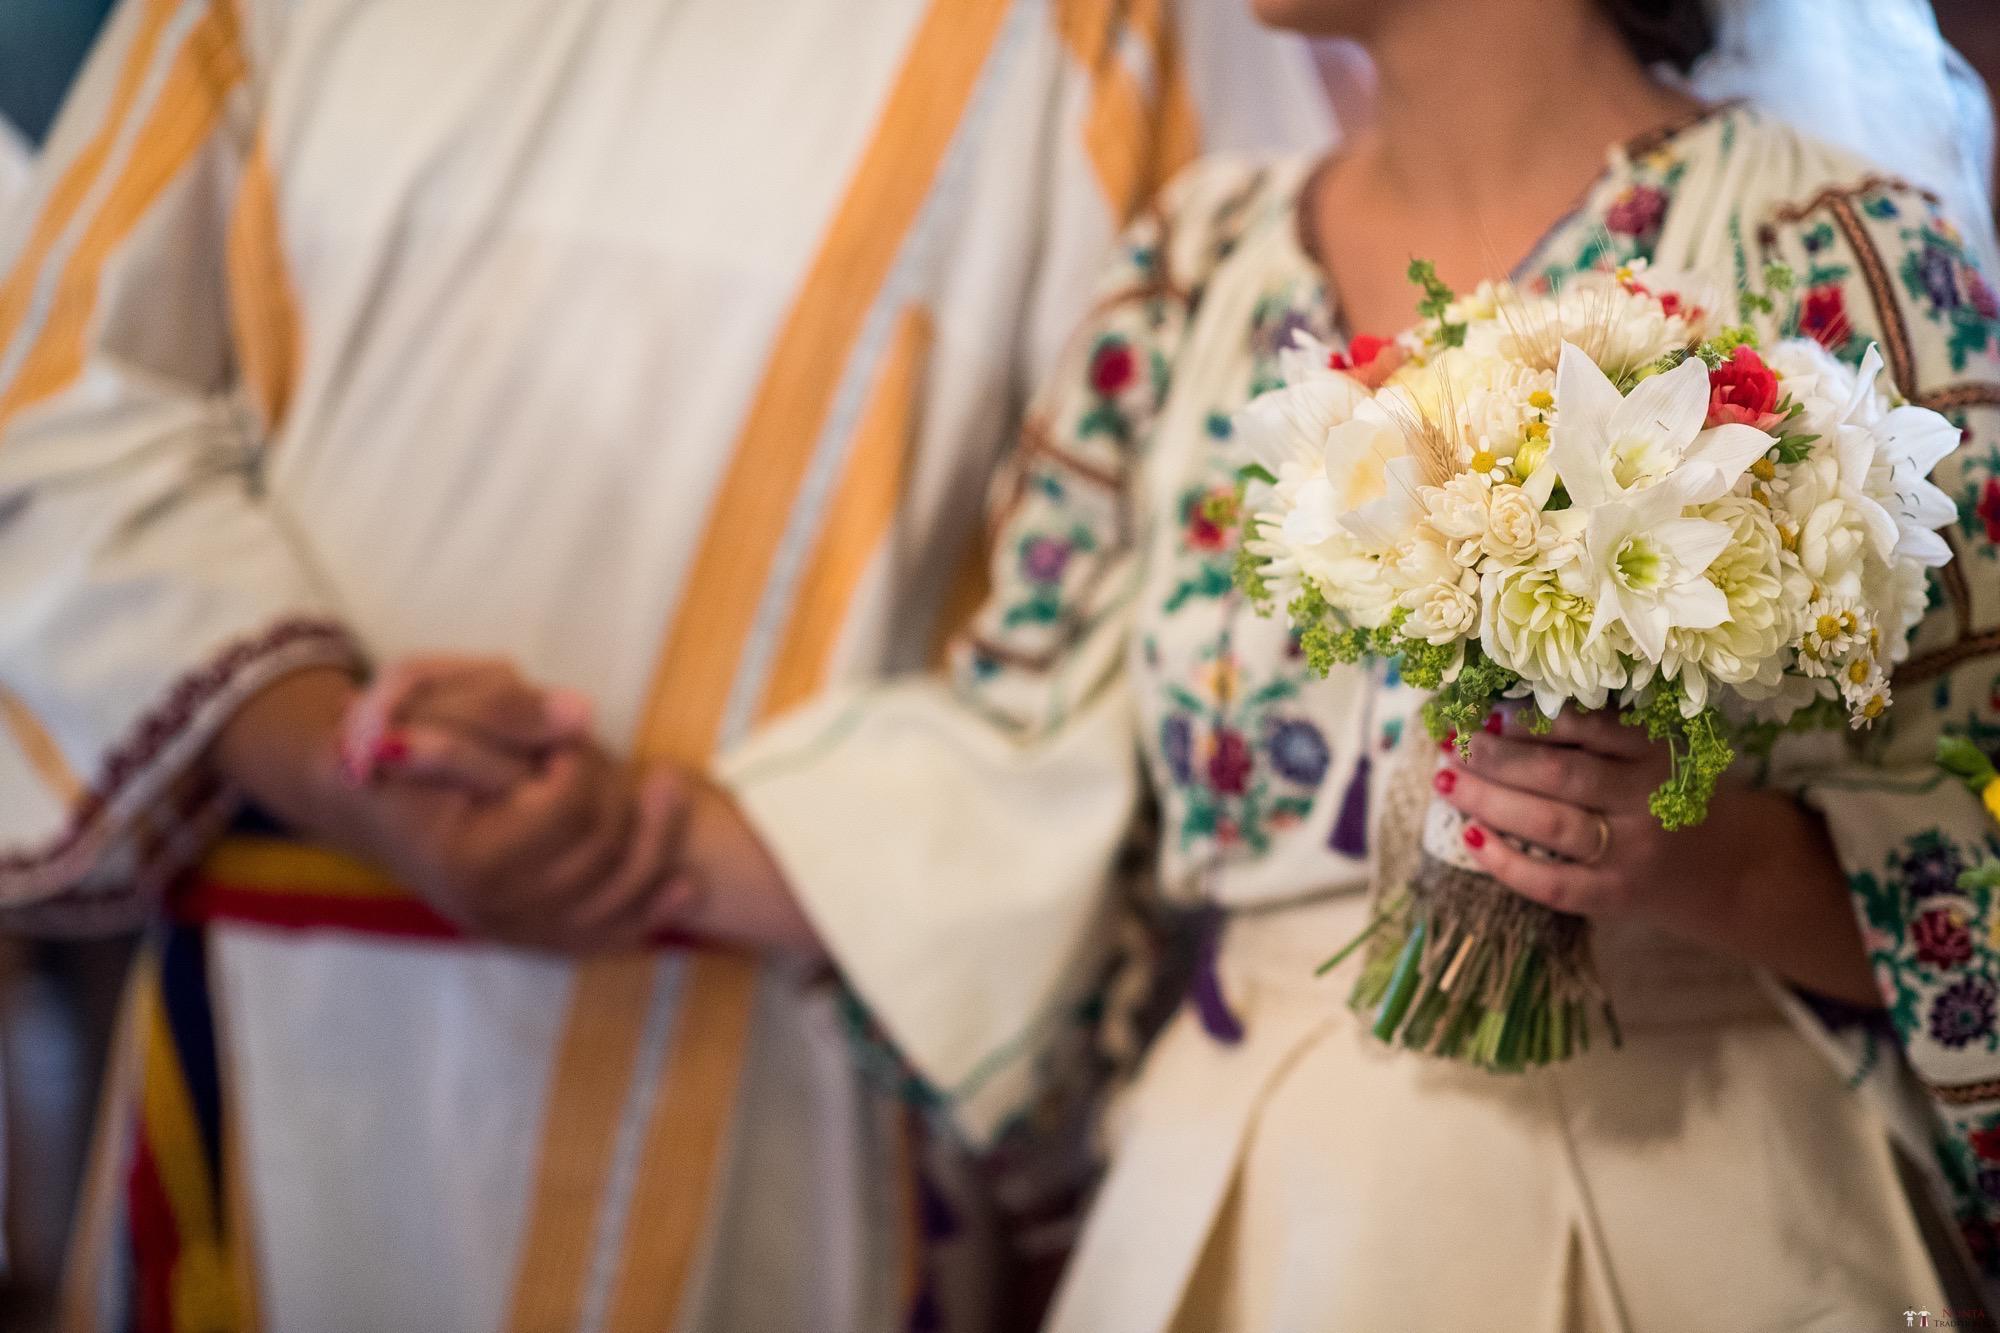 Povești Nunți Tradiționale - Ioana și Andrei. Nuntă tradițională în București. 25